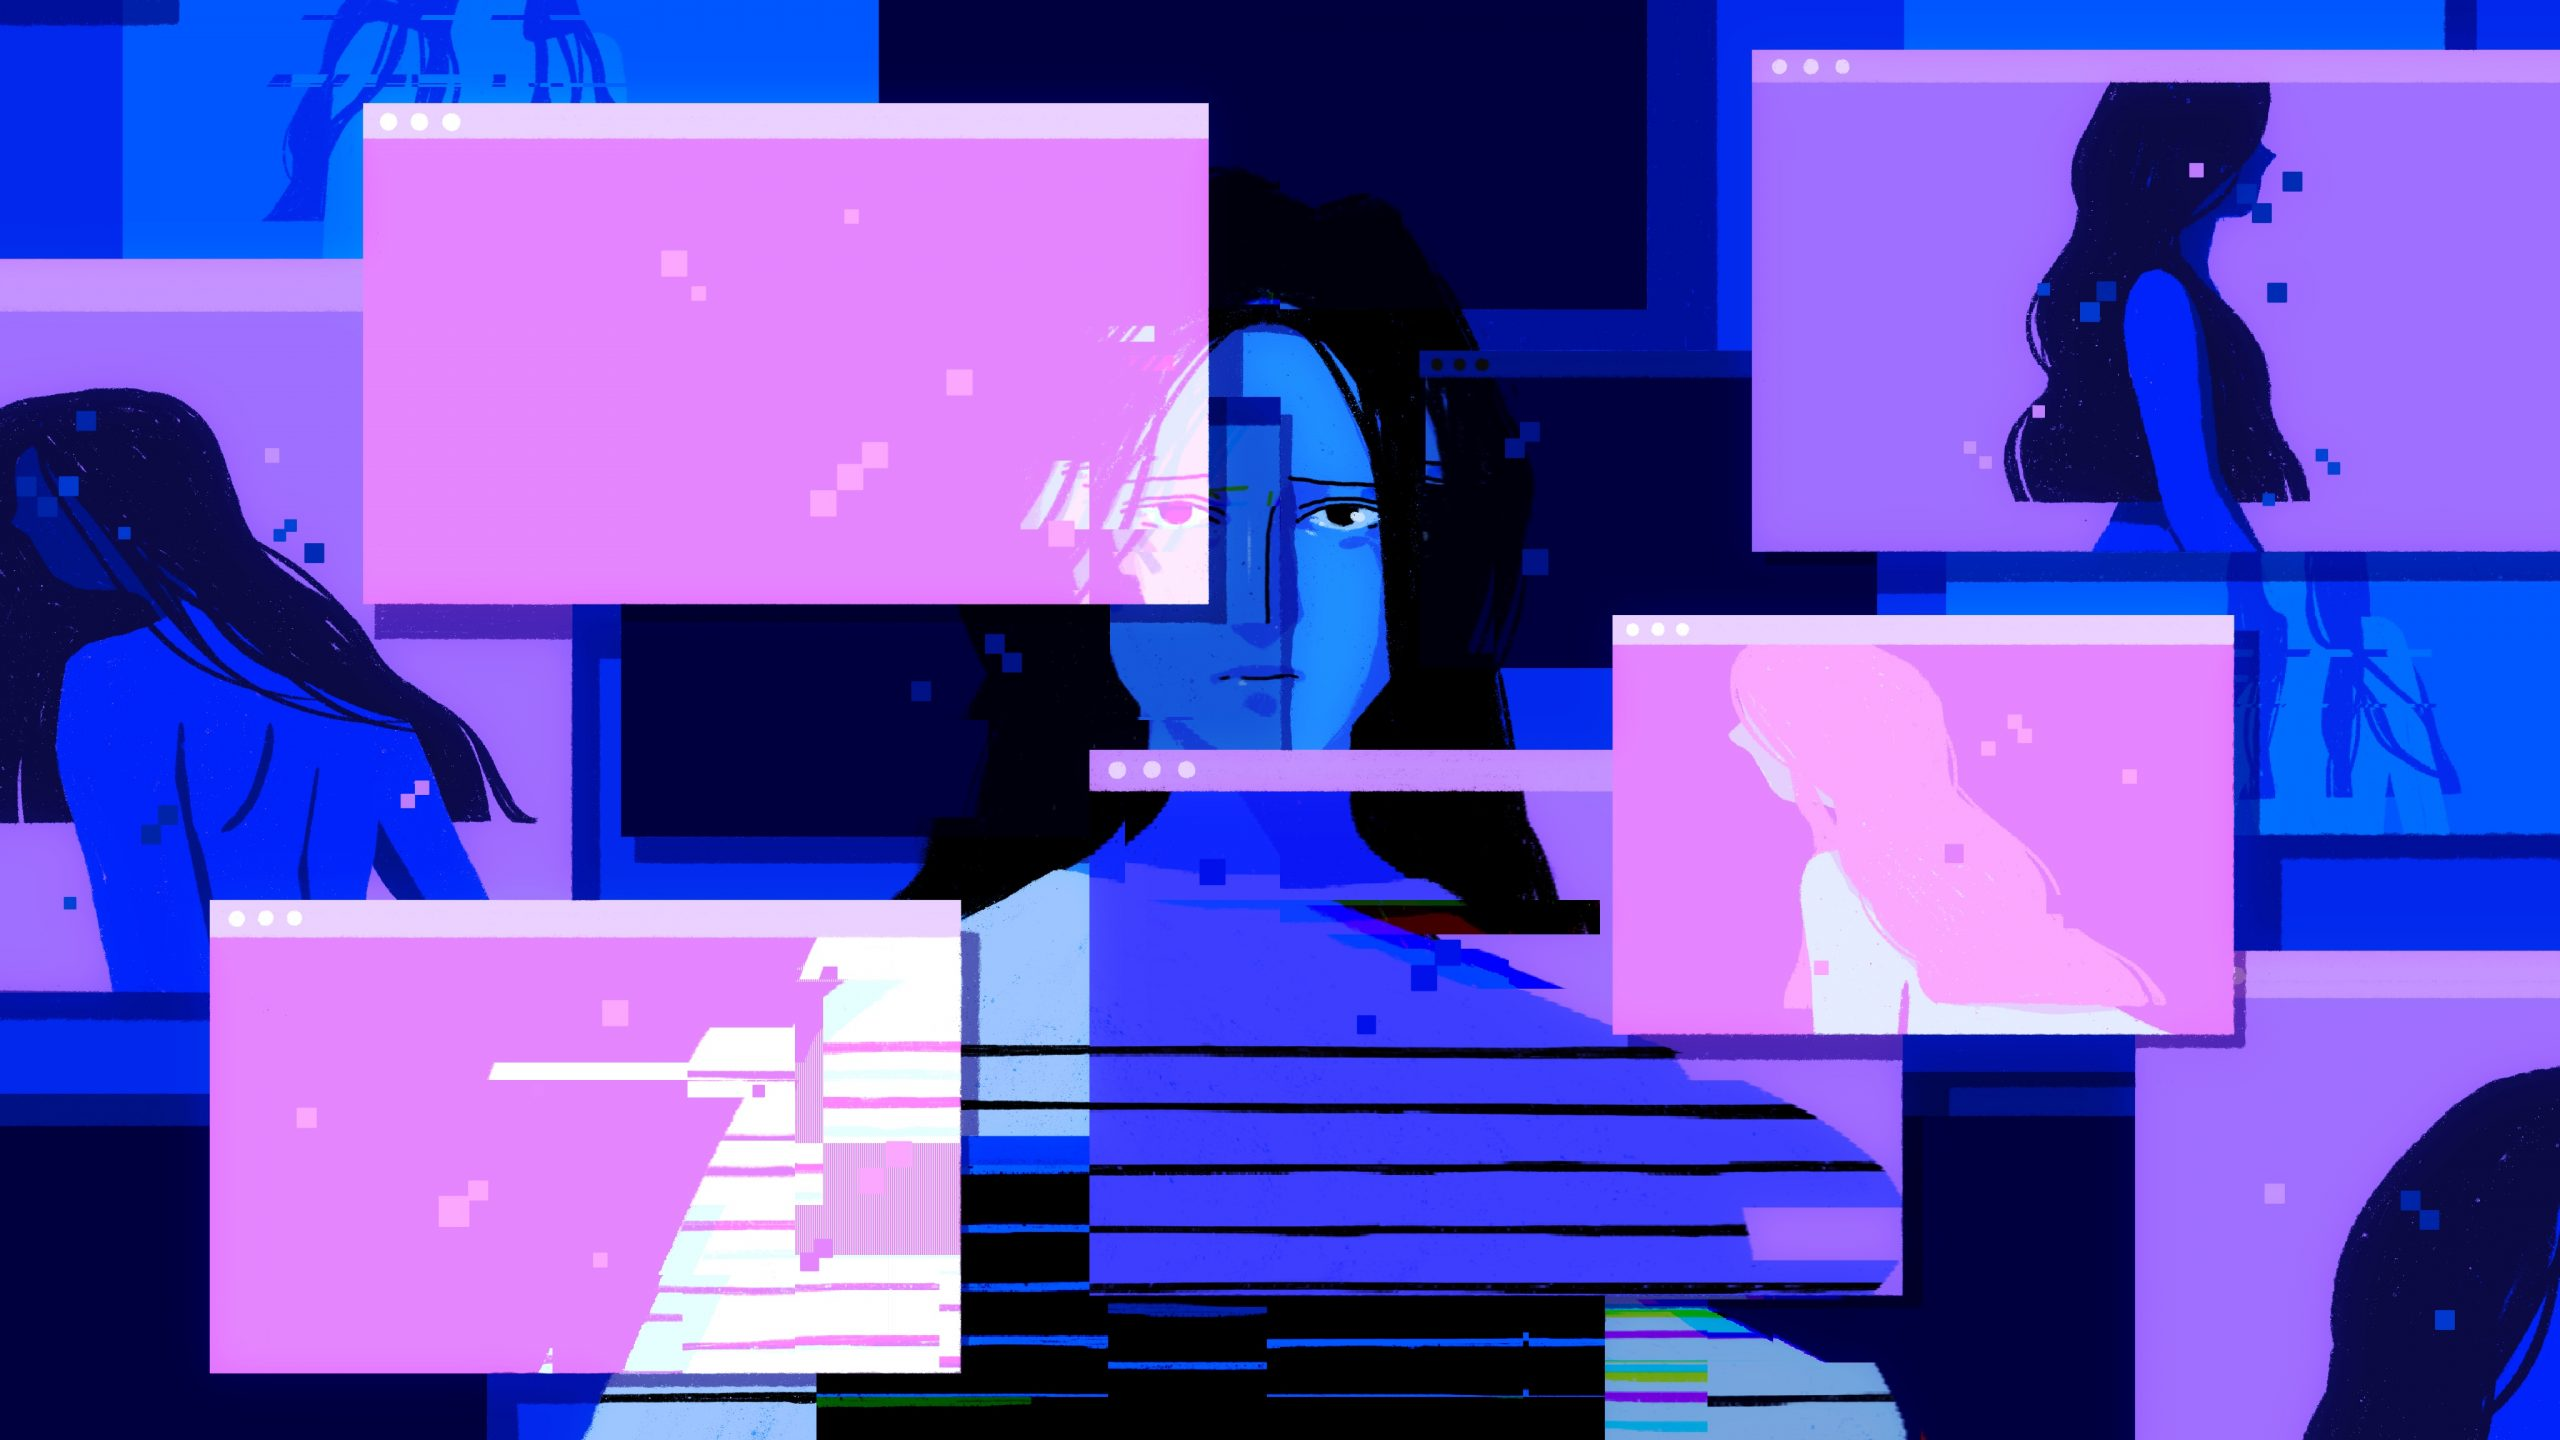 Более 30 женщин подали в суд на Pornhub. Откровенные видео разместили без их согласия